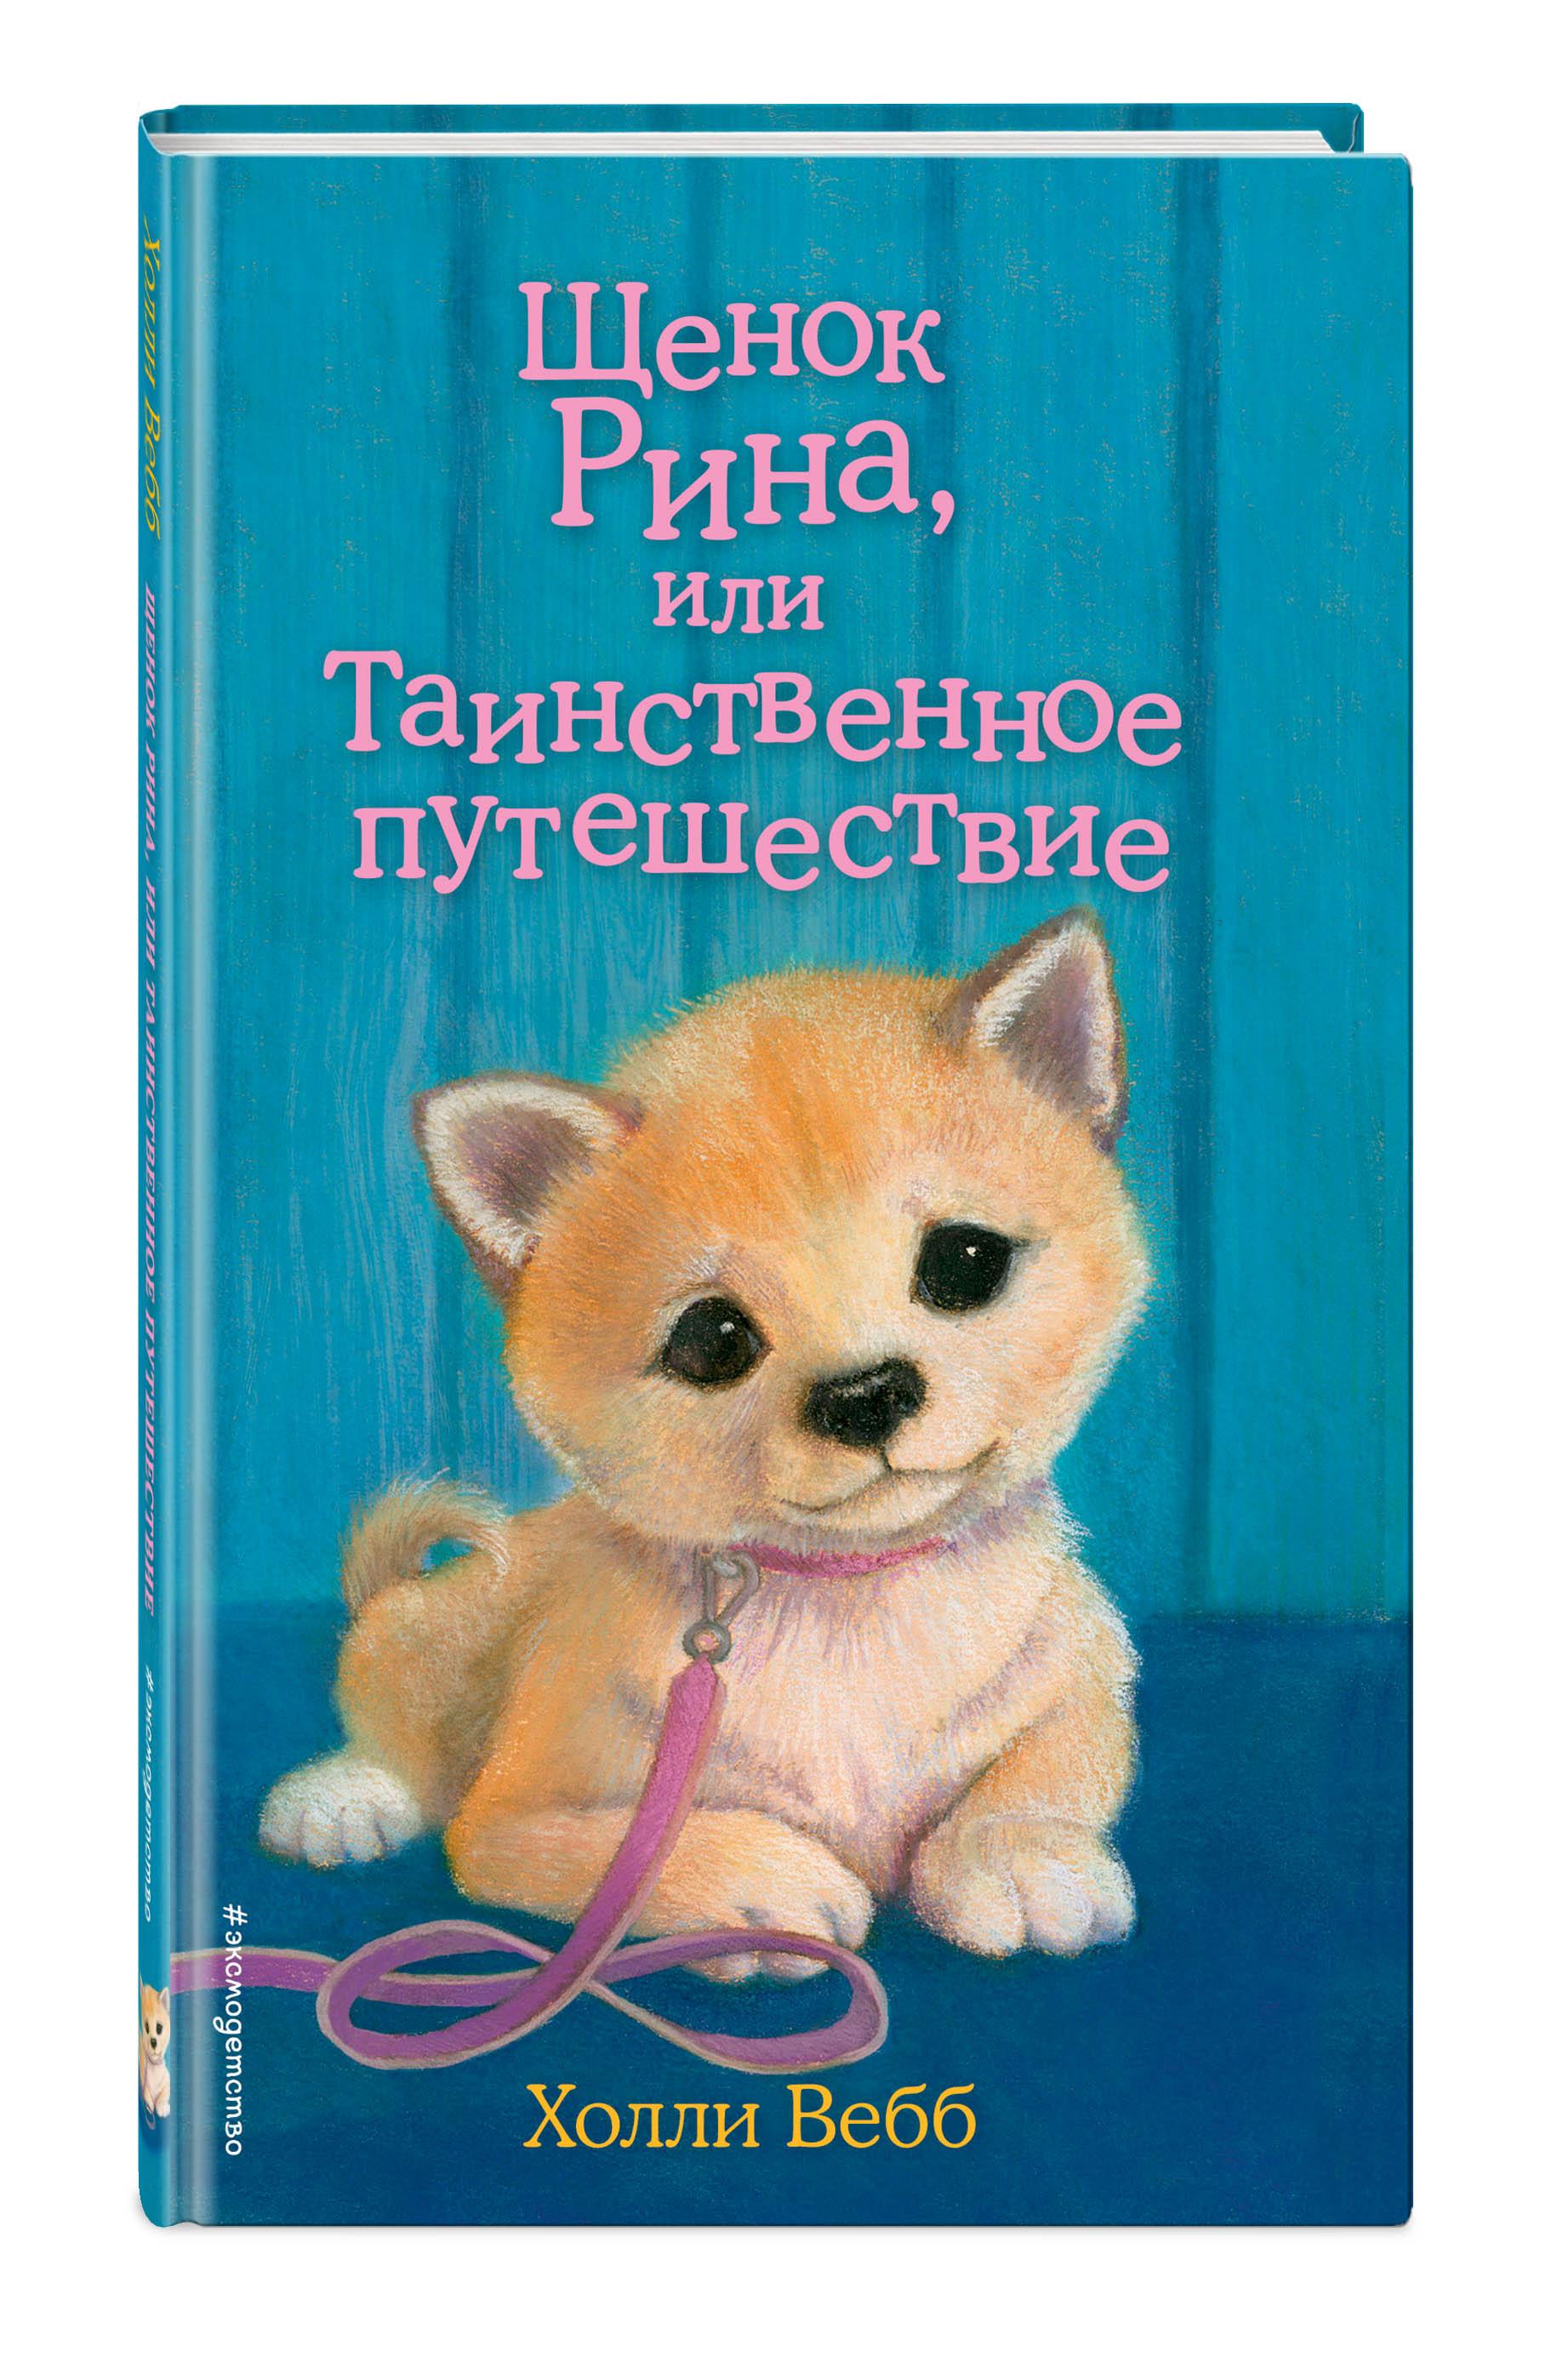 Холли Вебб Щенок Рина, или Таинственное путешествие (выпуск 21) щенок рина или таинственное путешествие вебб х